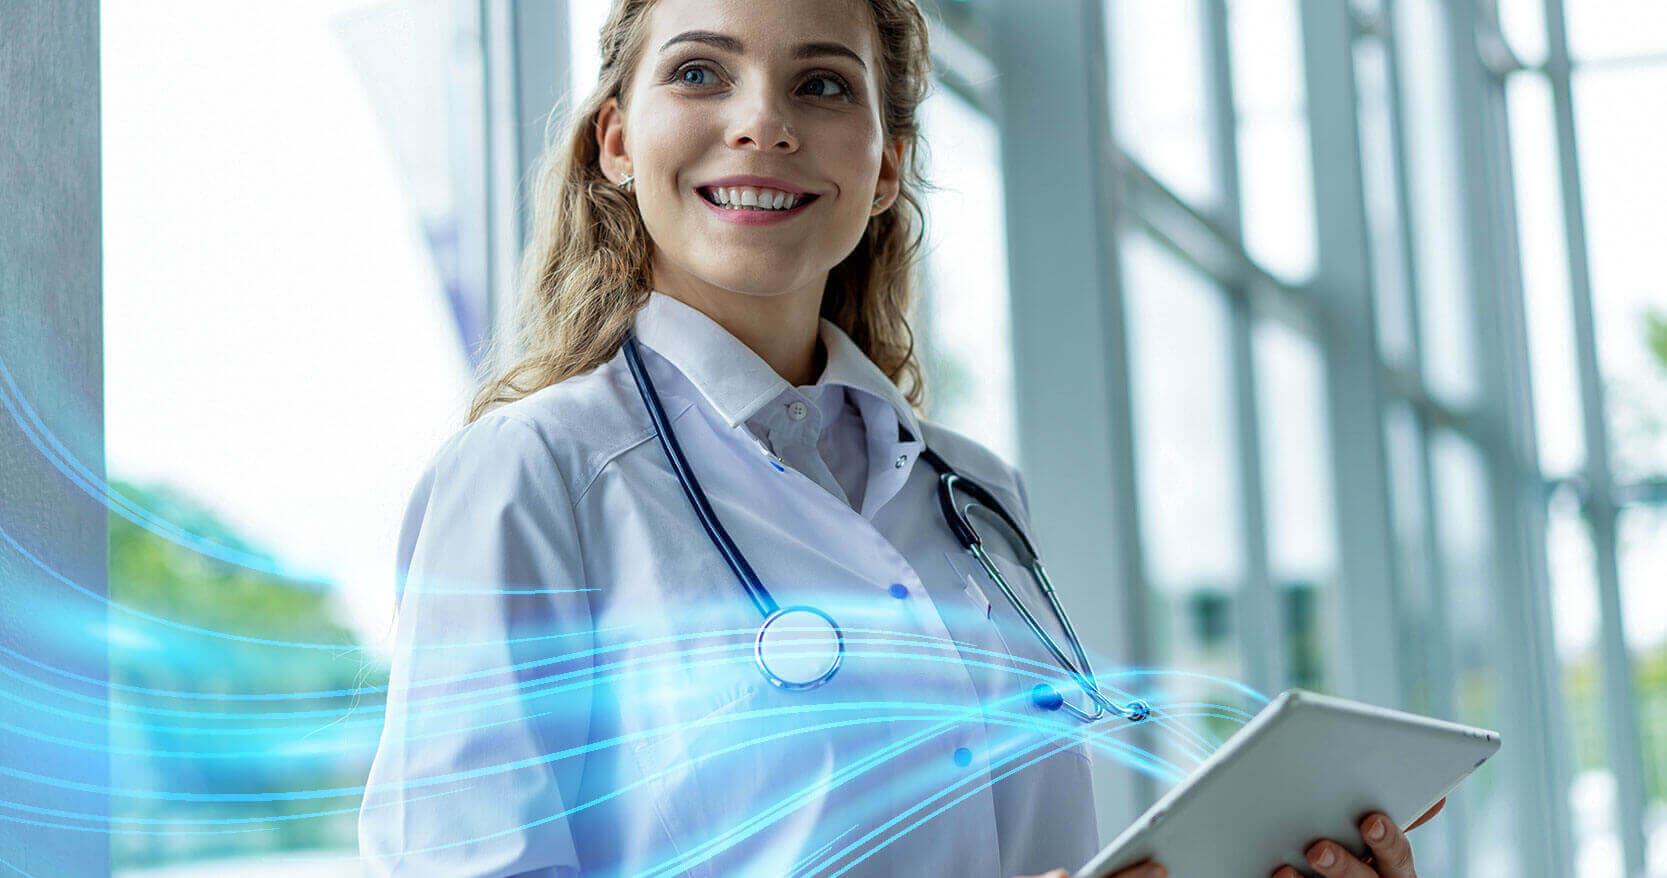 Como escolher o sistema médico para dermatologistas ideal?